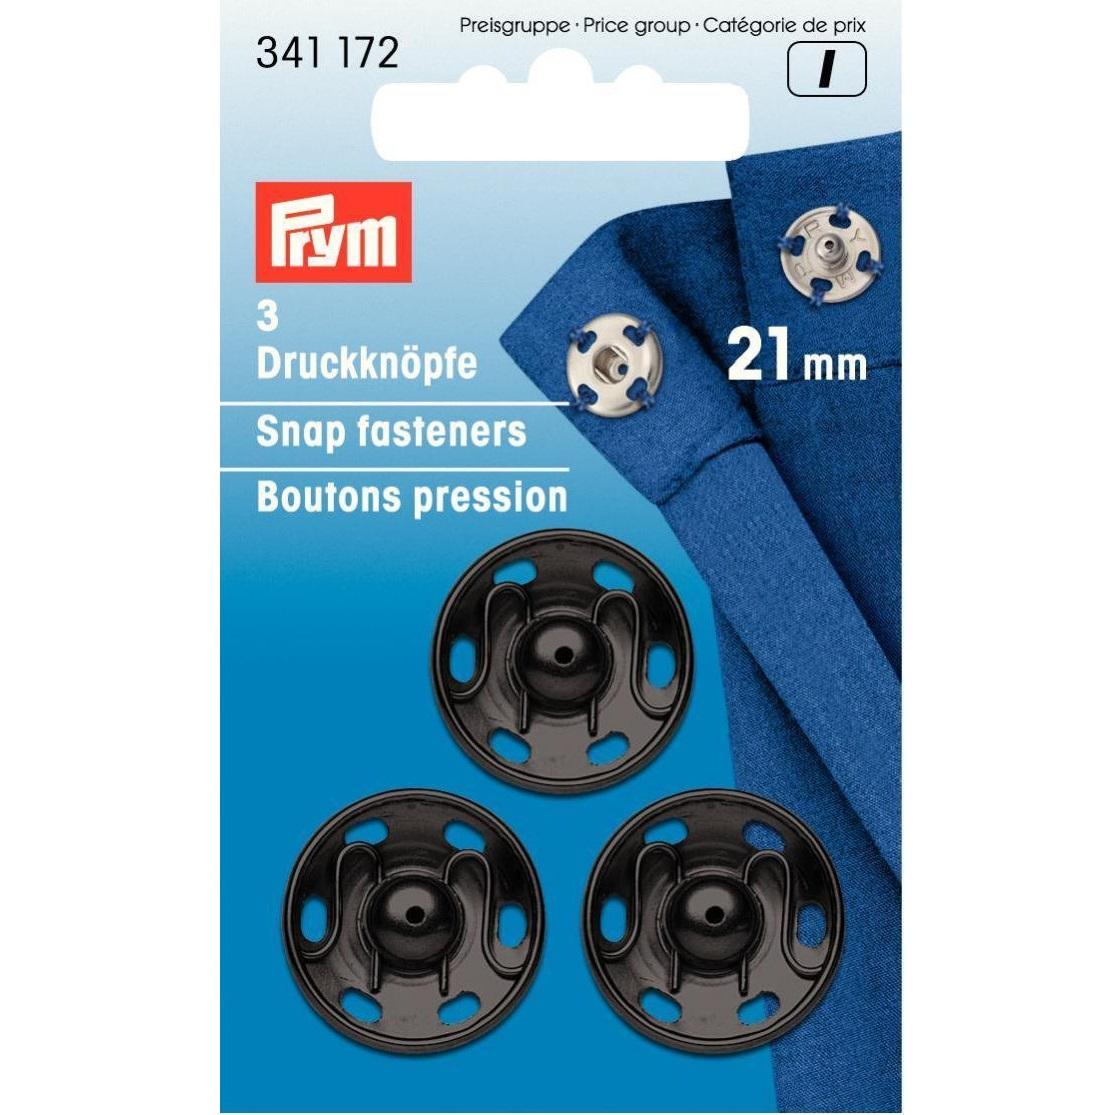 Druckknöpfe, schwarz, 3 Stück, 21 mm, Prym - Art. 341172